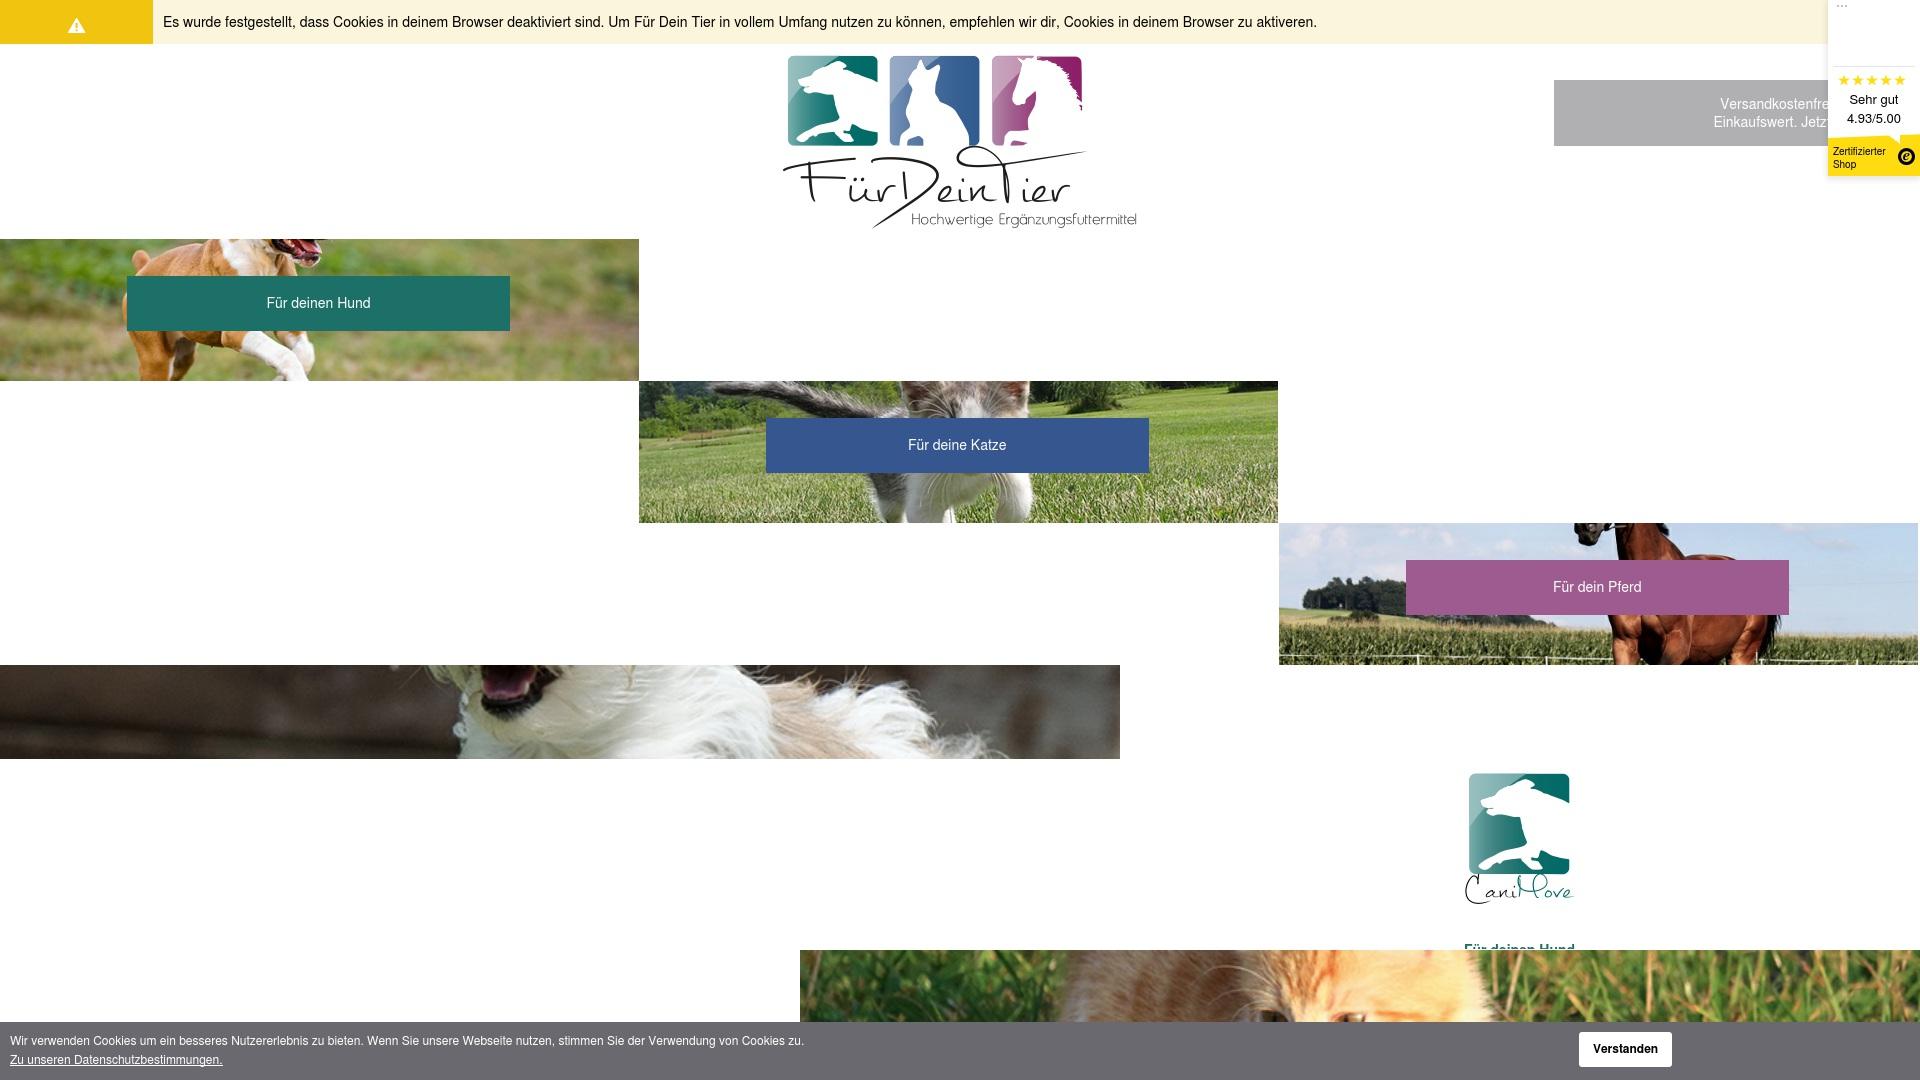 Gutschein für Fuerdeintier: Rabatte für  Fuerdeintier sichern